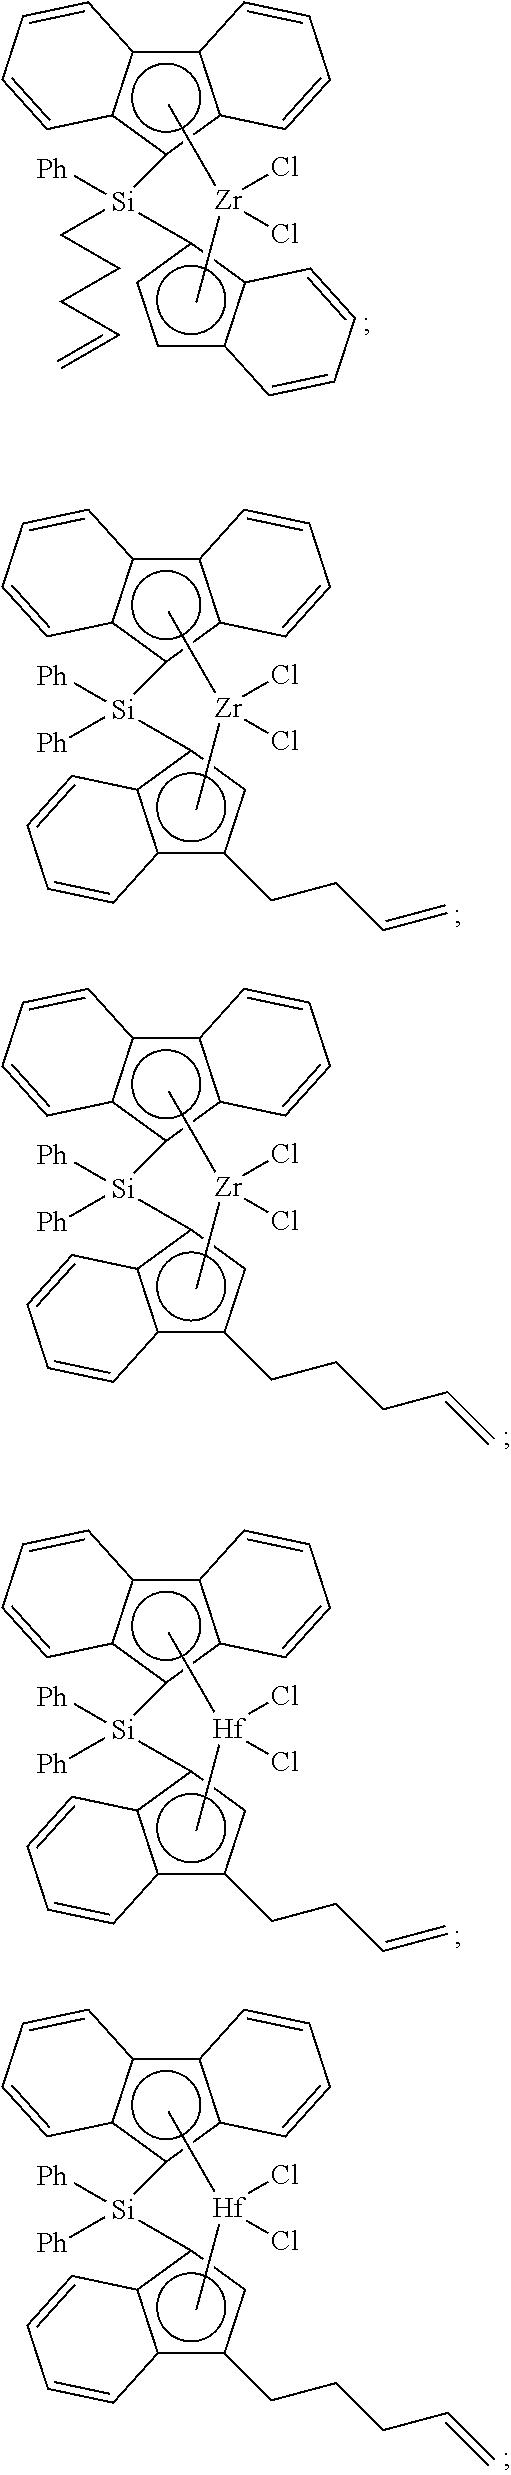 Figure US08609793-20131217-C00023